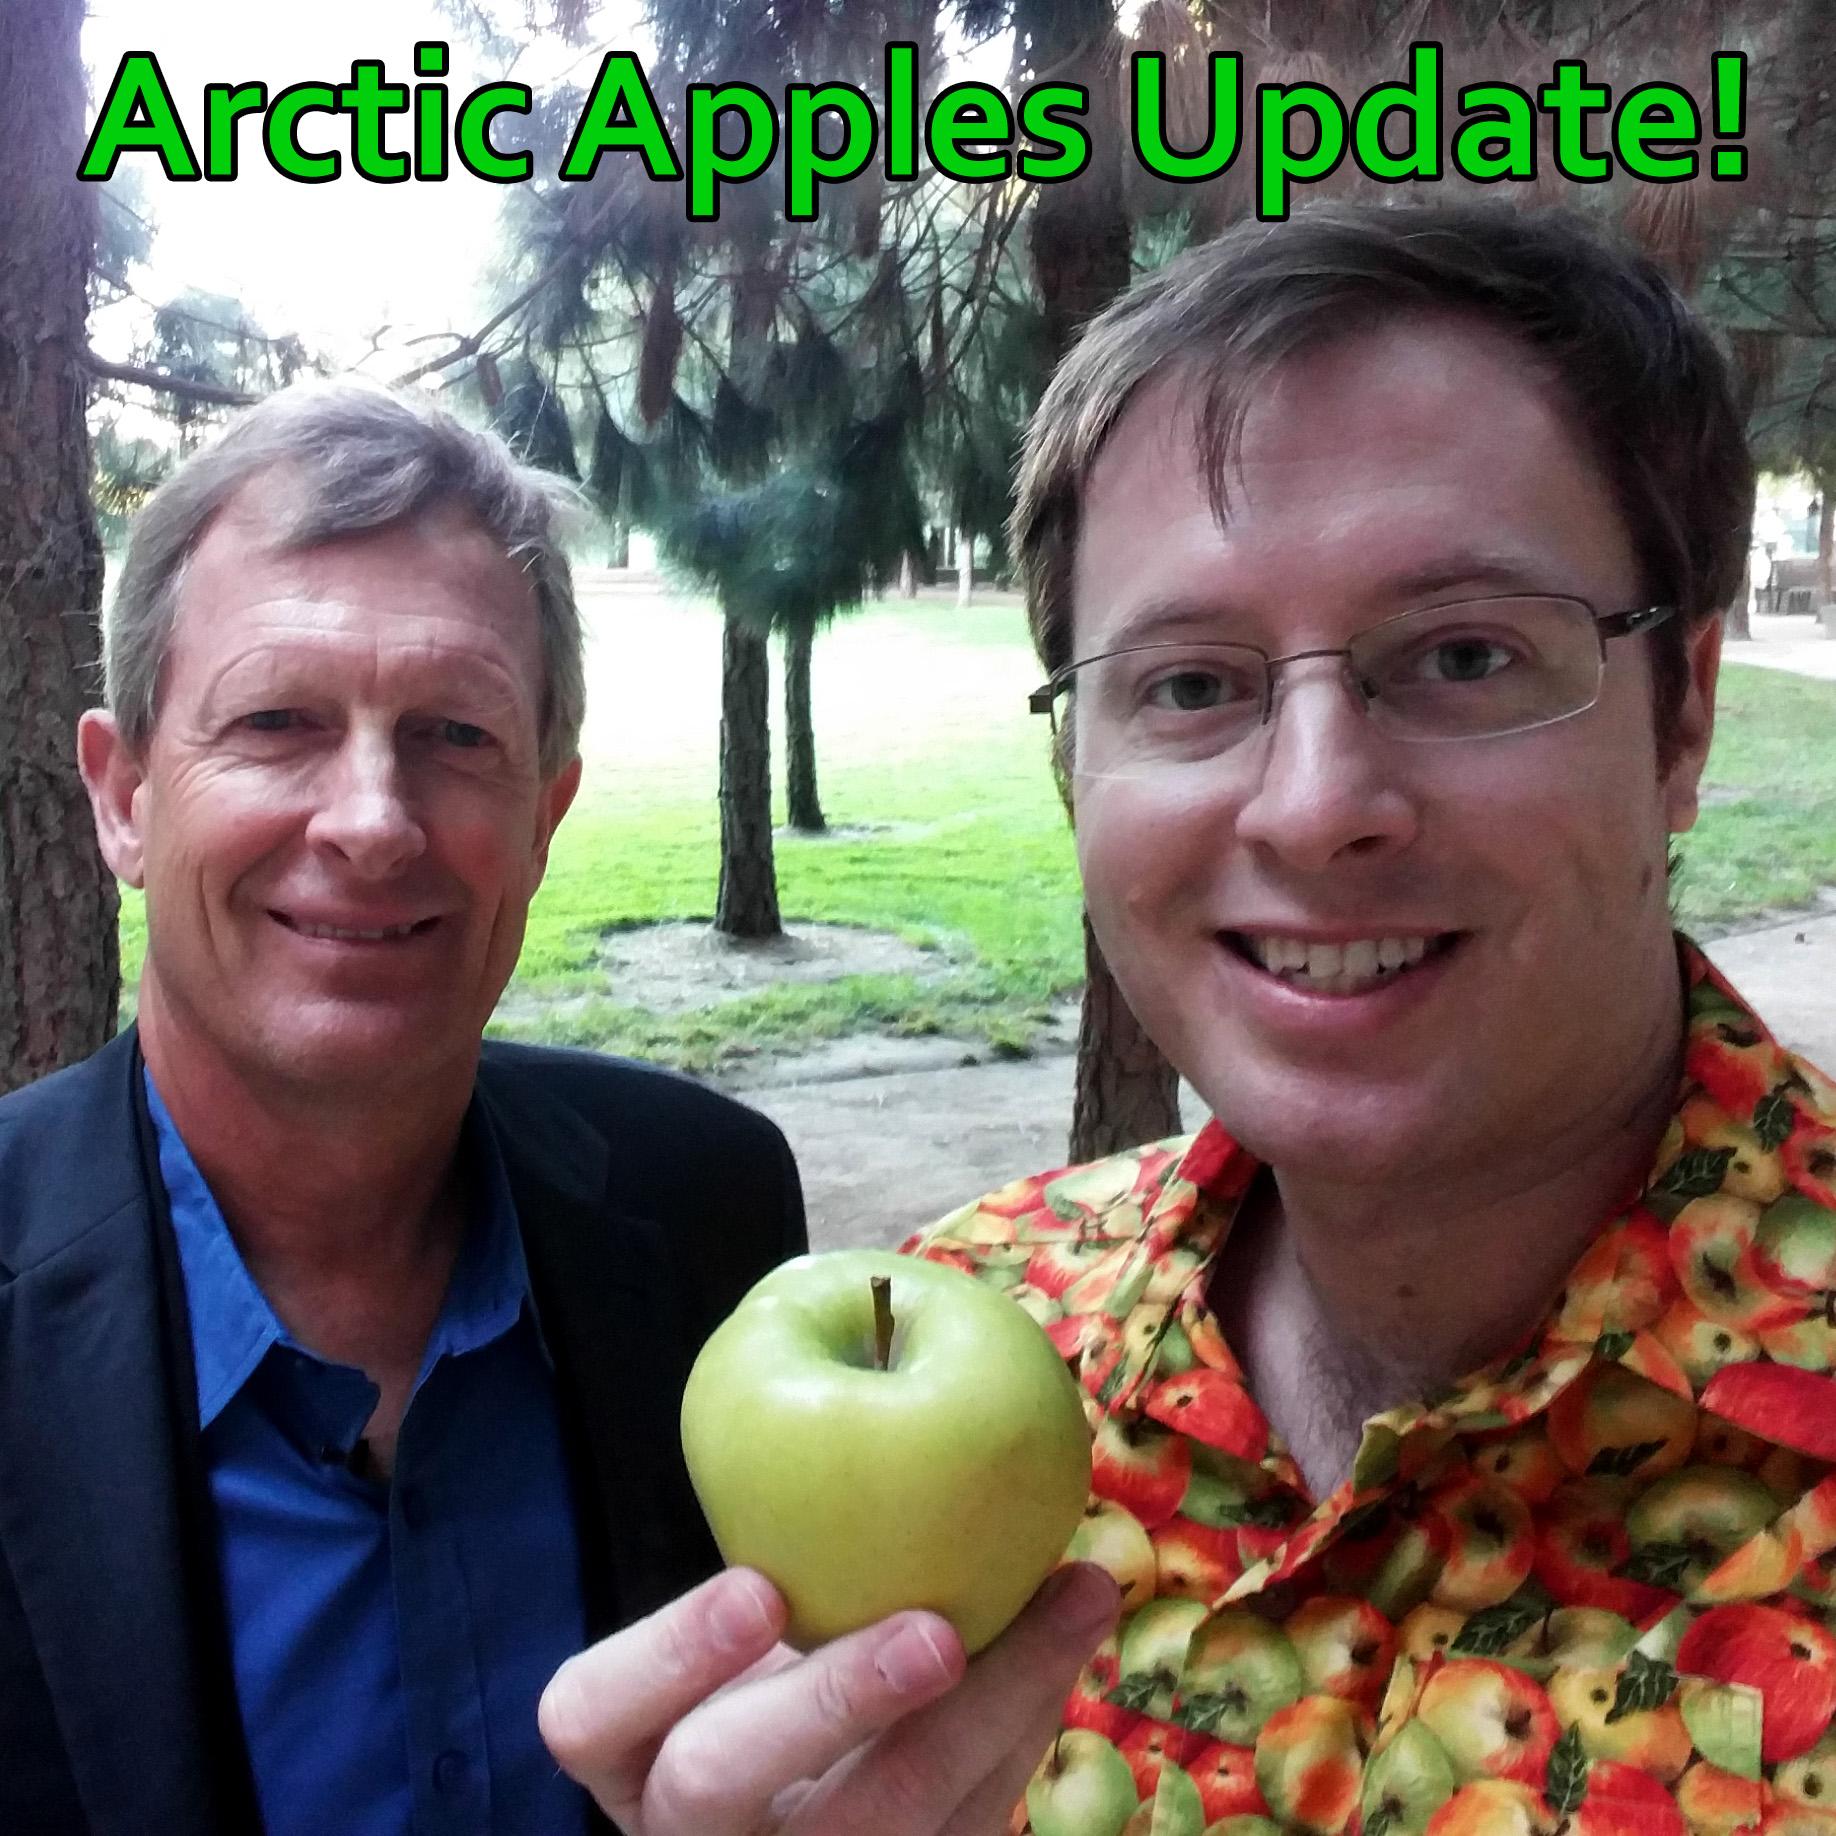 Arctic Apples Update at SynBioBeta